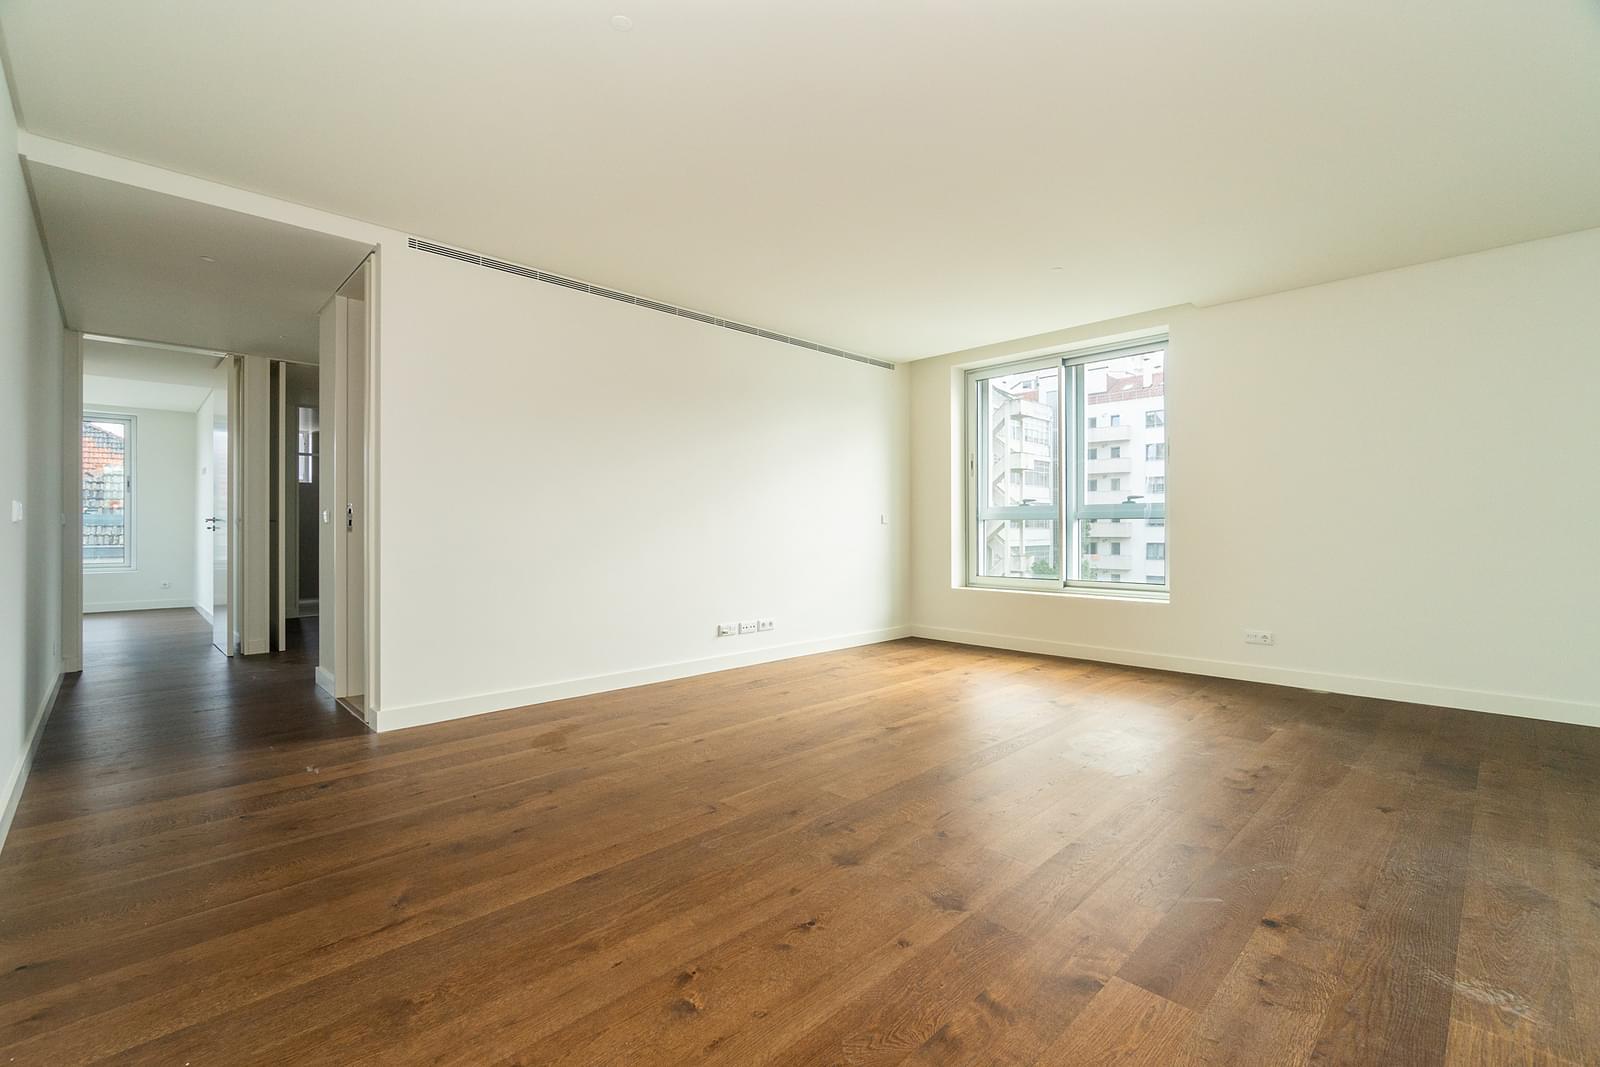 pf18694-apartamento-t3-lisboa-f3b0866b-55bf-4cf3-9df9-0b8096679e8b